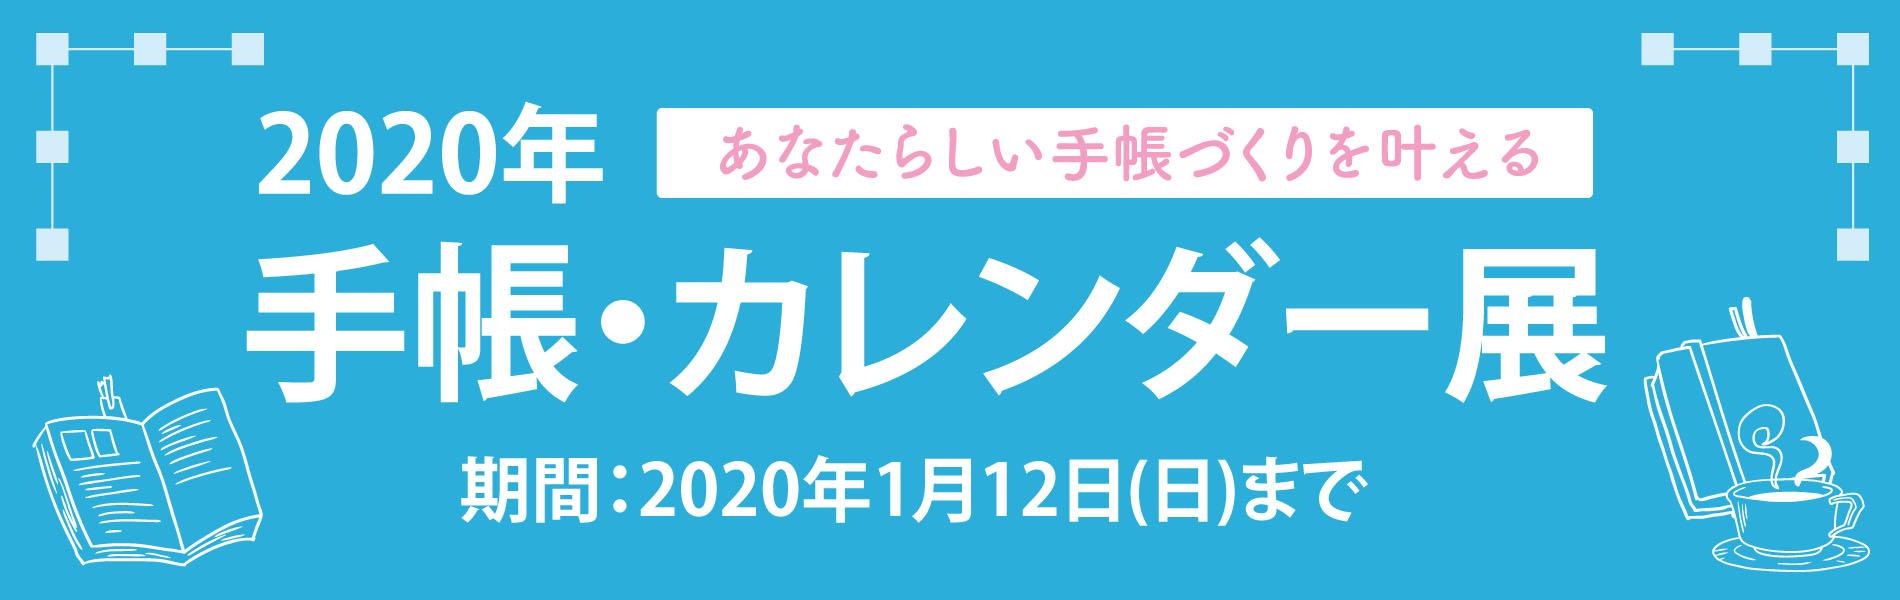 2020年 手帳カレンダー展